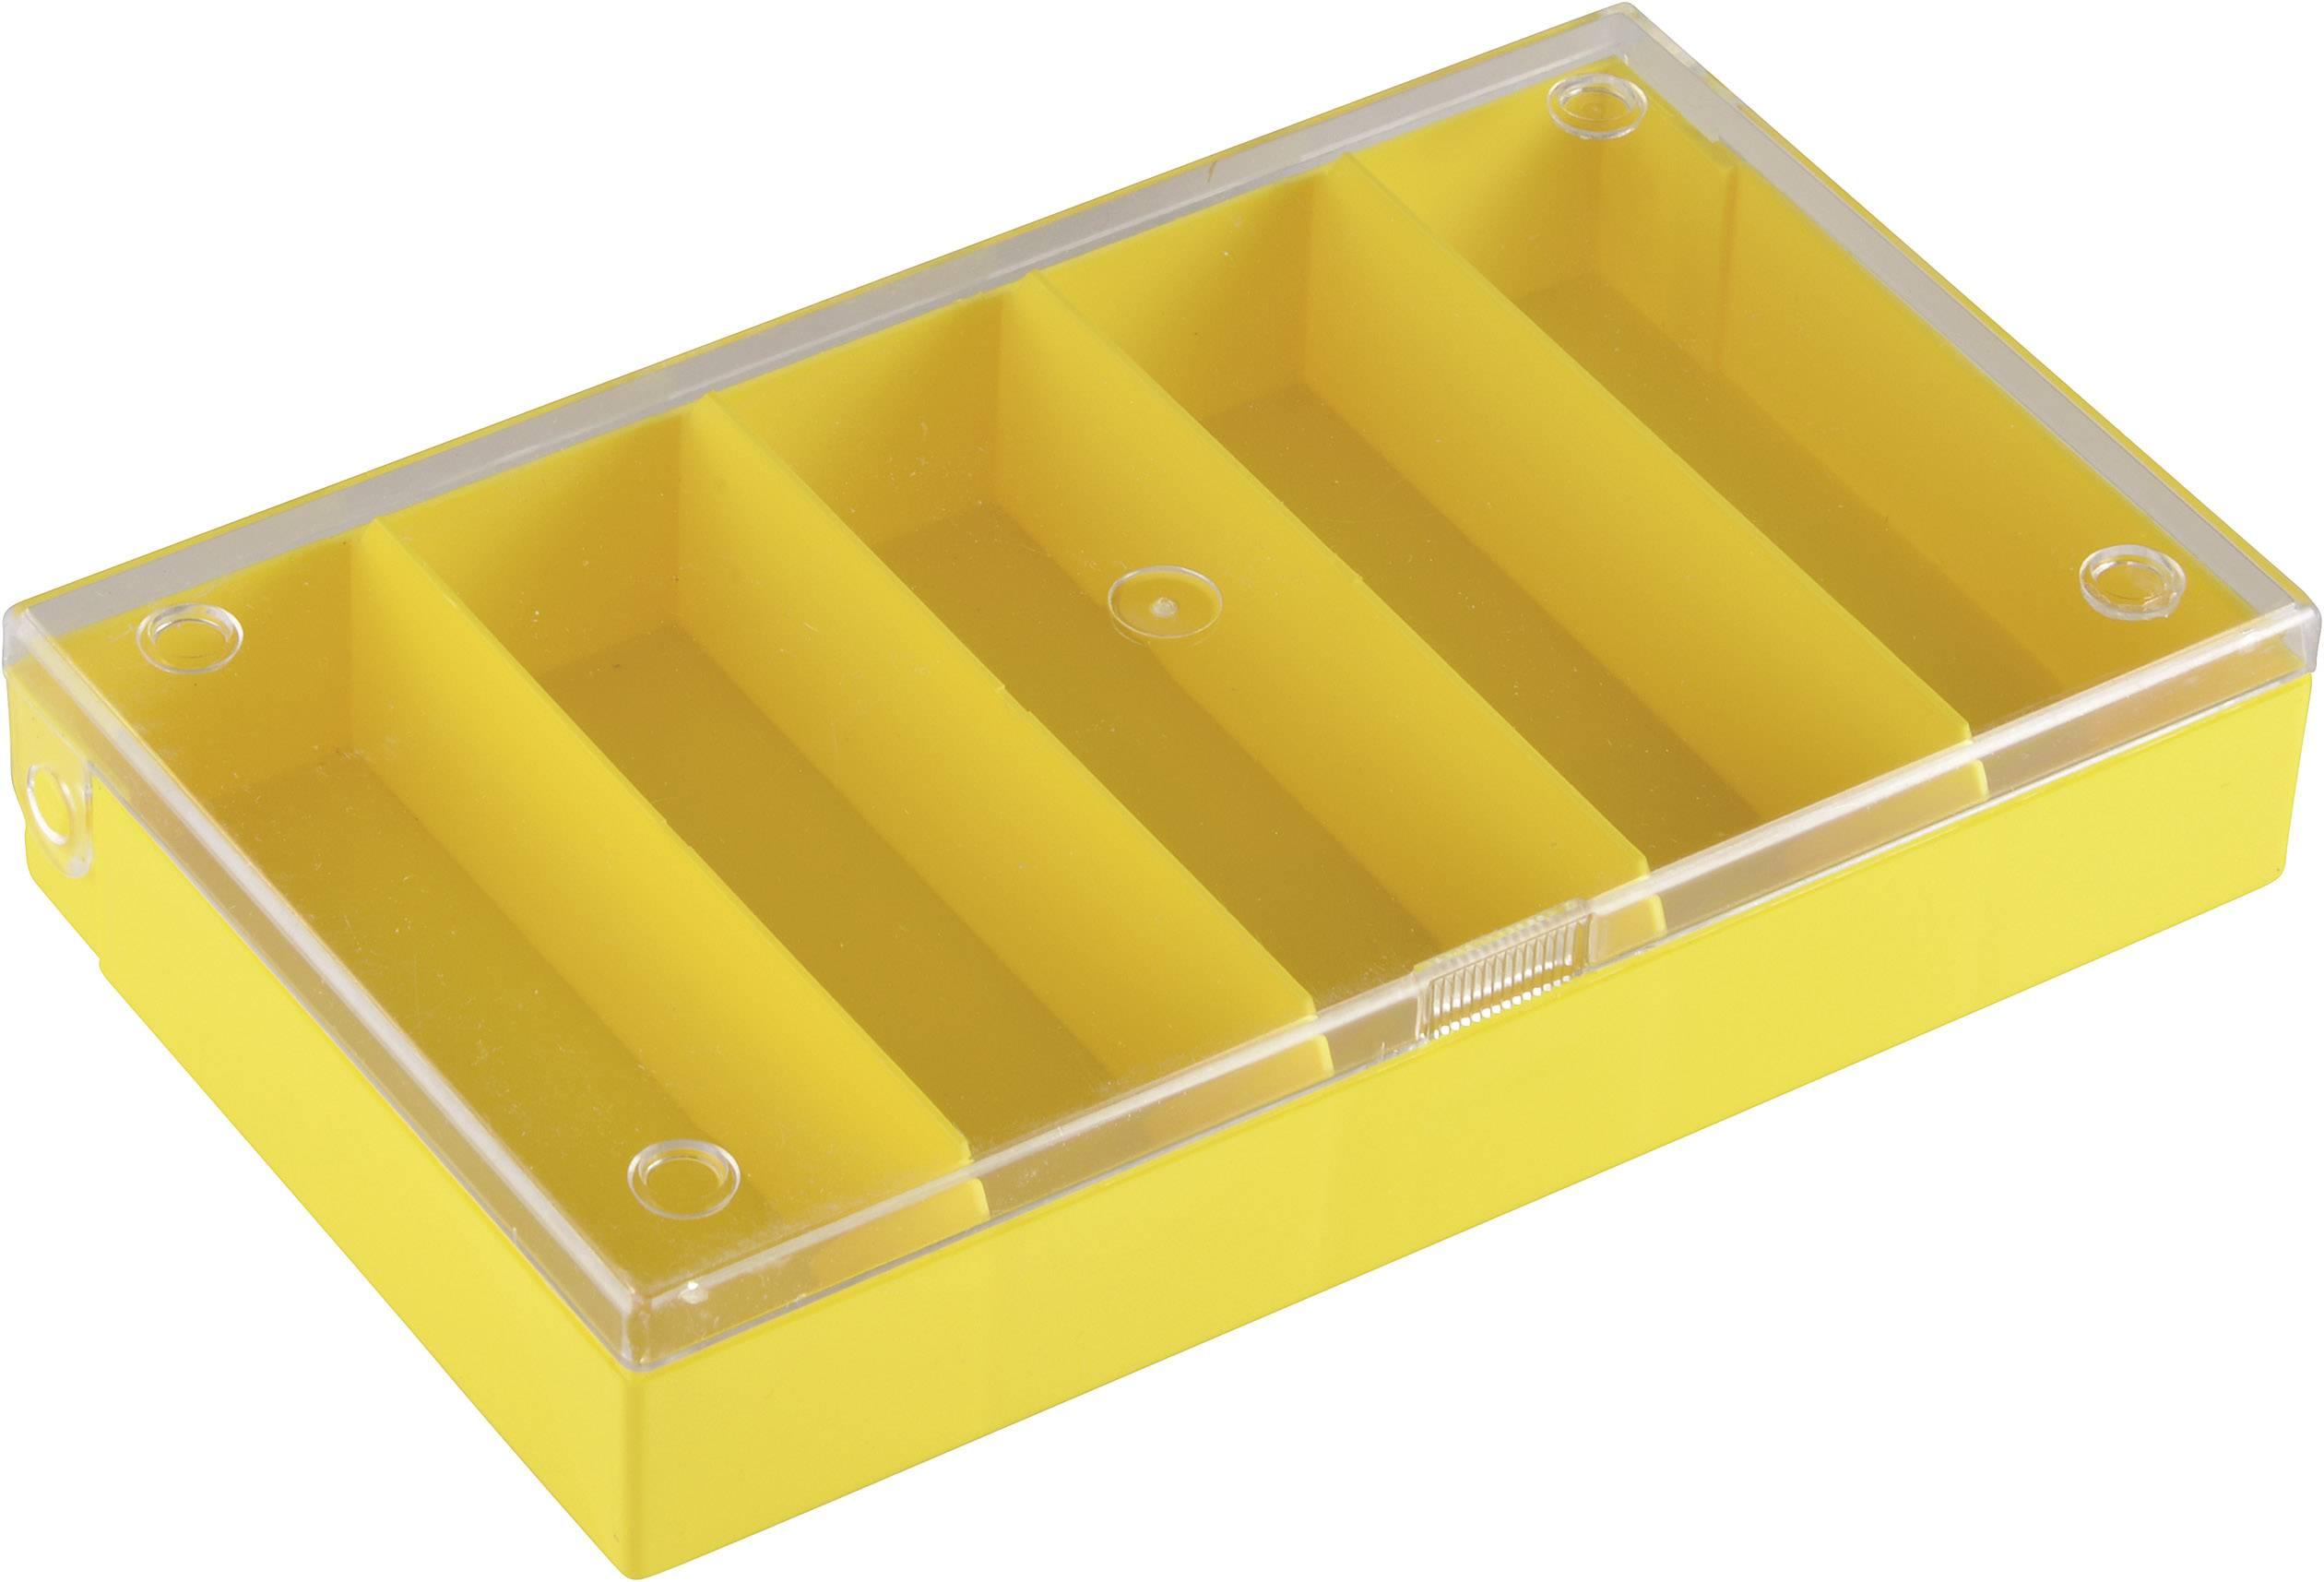 Krabička na drobné súčiastky 800003, priečinkov: 5, 164 x 31 x 101